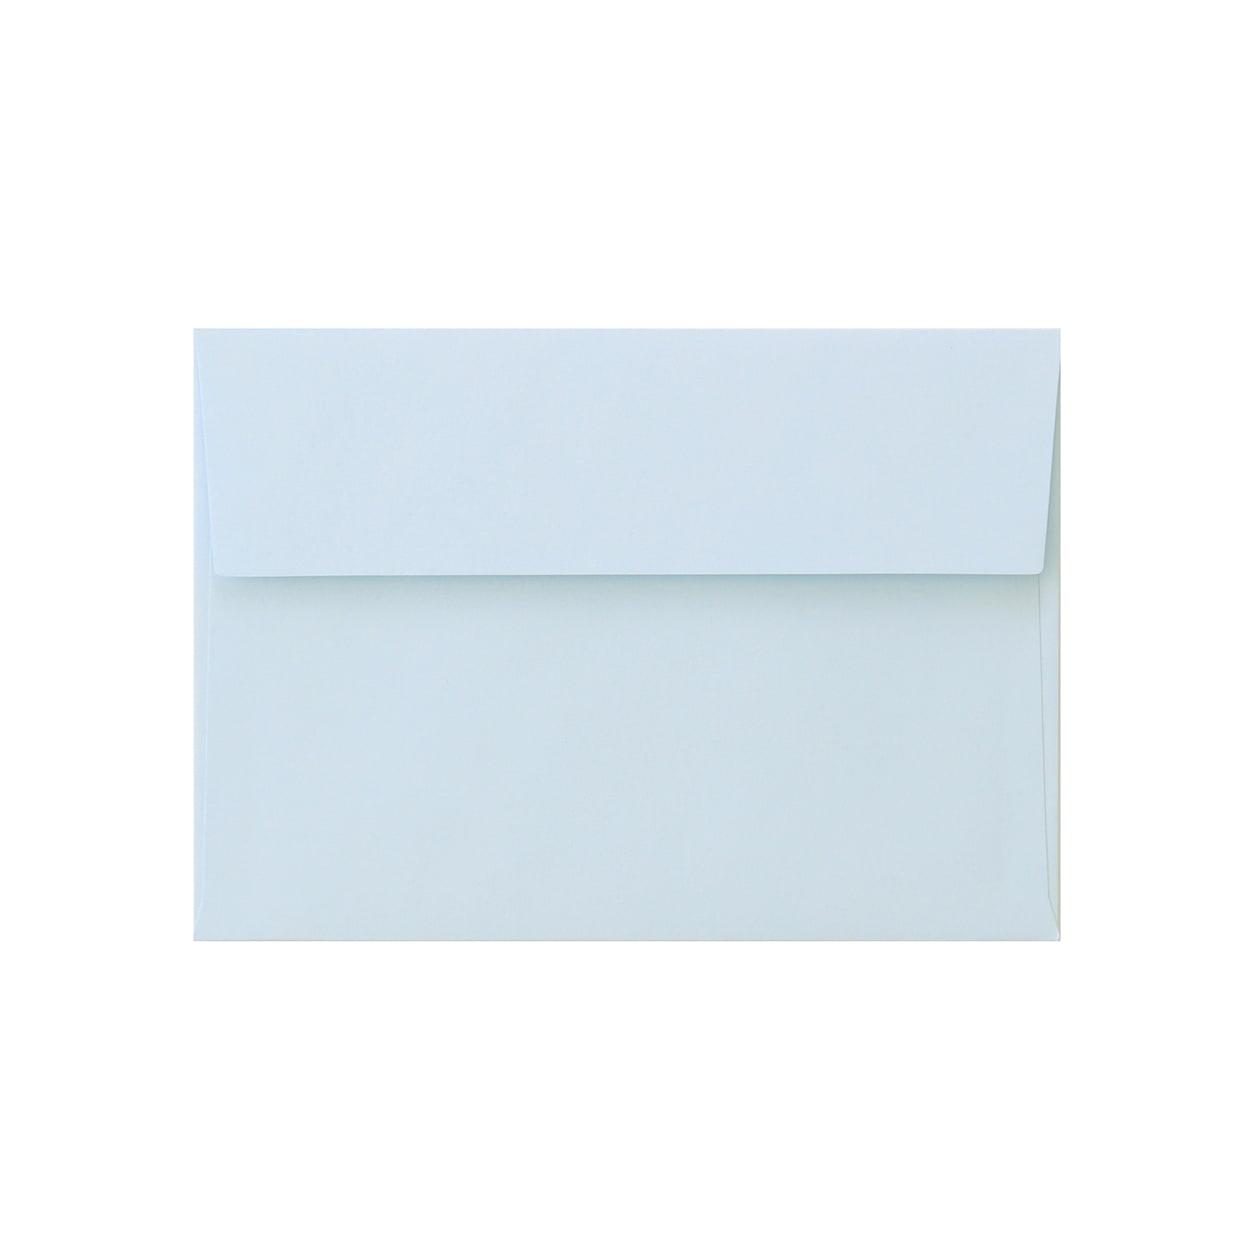 洋2カマス封筒 エコフレンドリーカラー アースブルー 100g